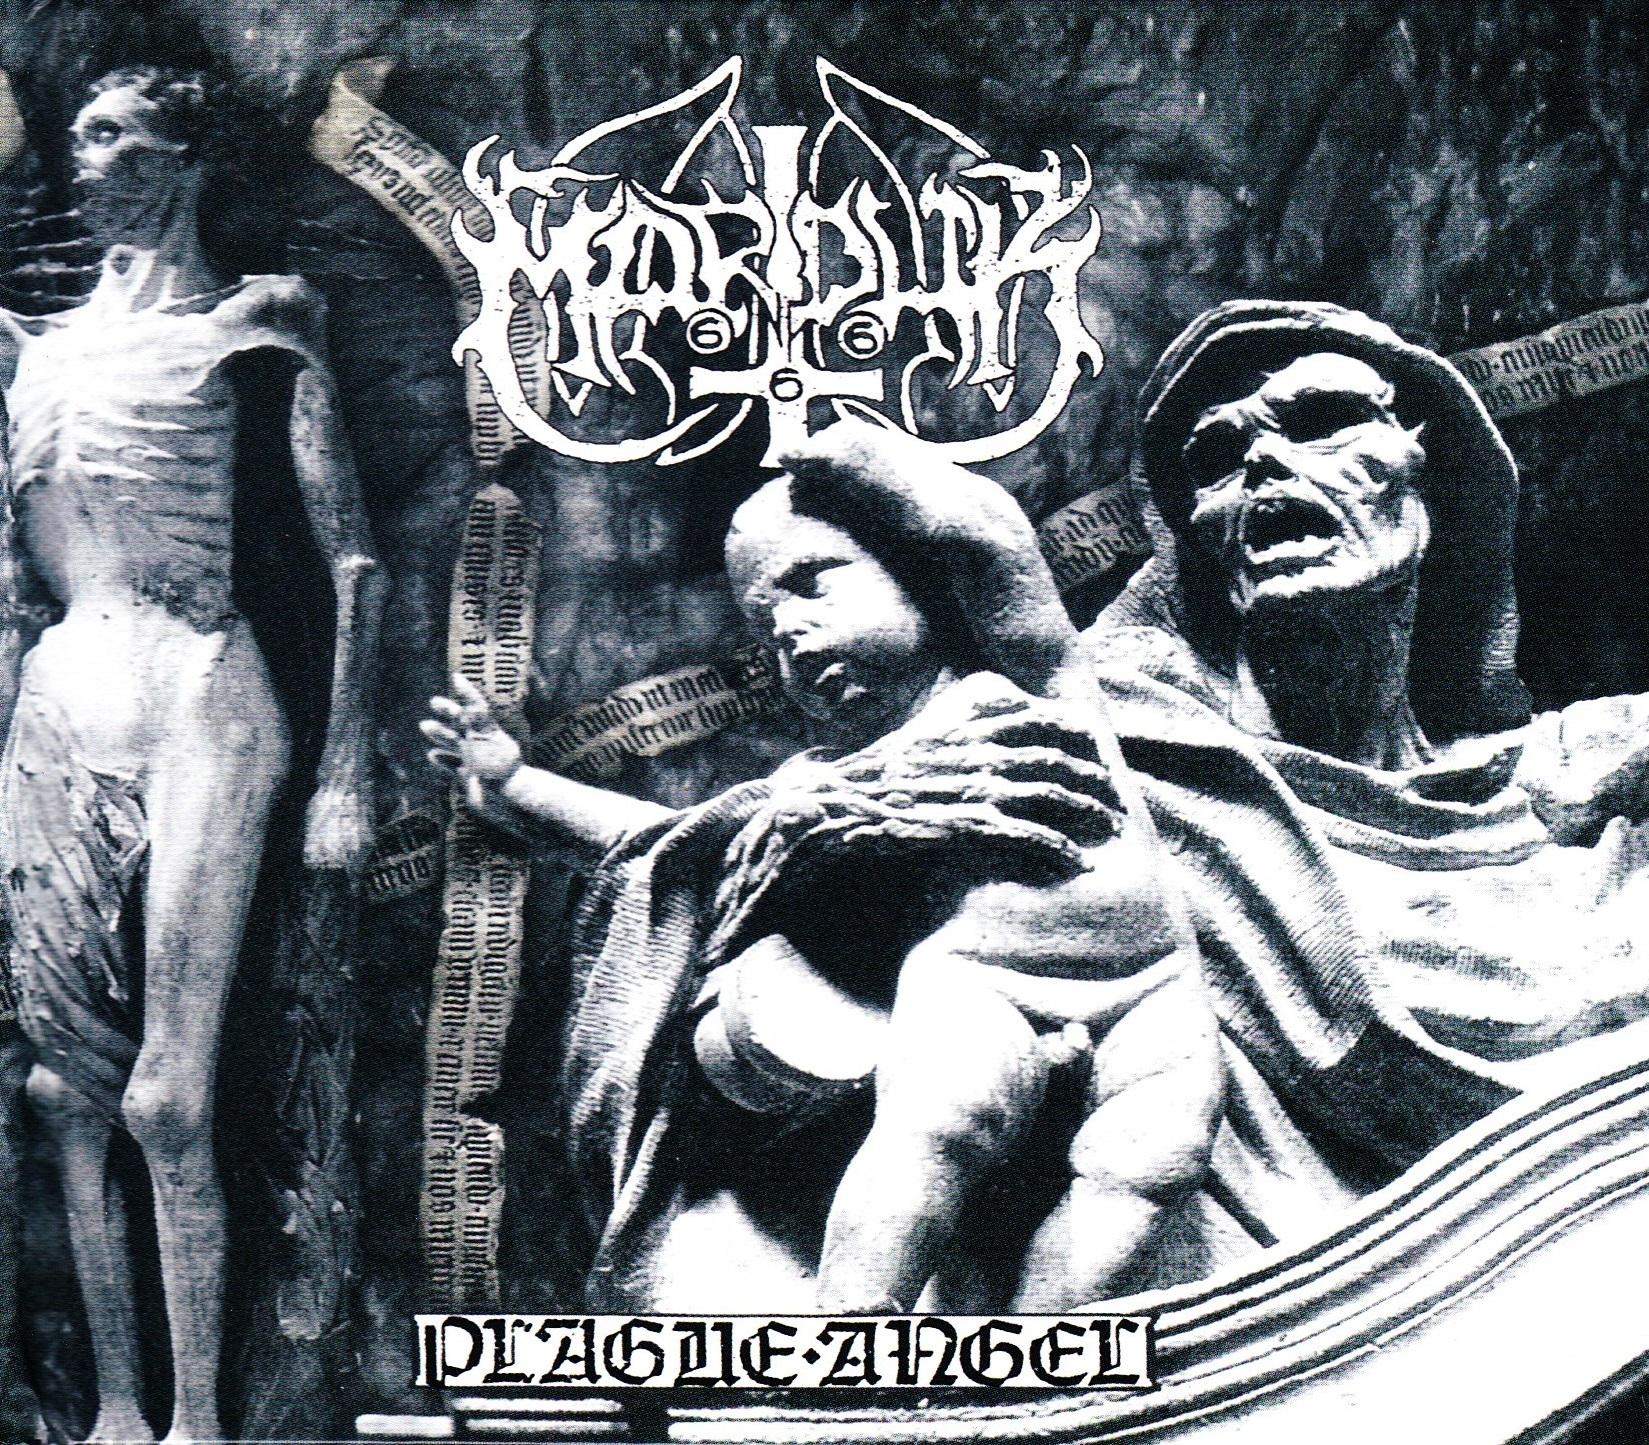 Marduk — Plague Angel (2004)